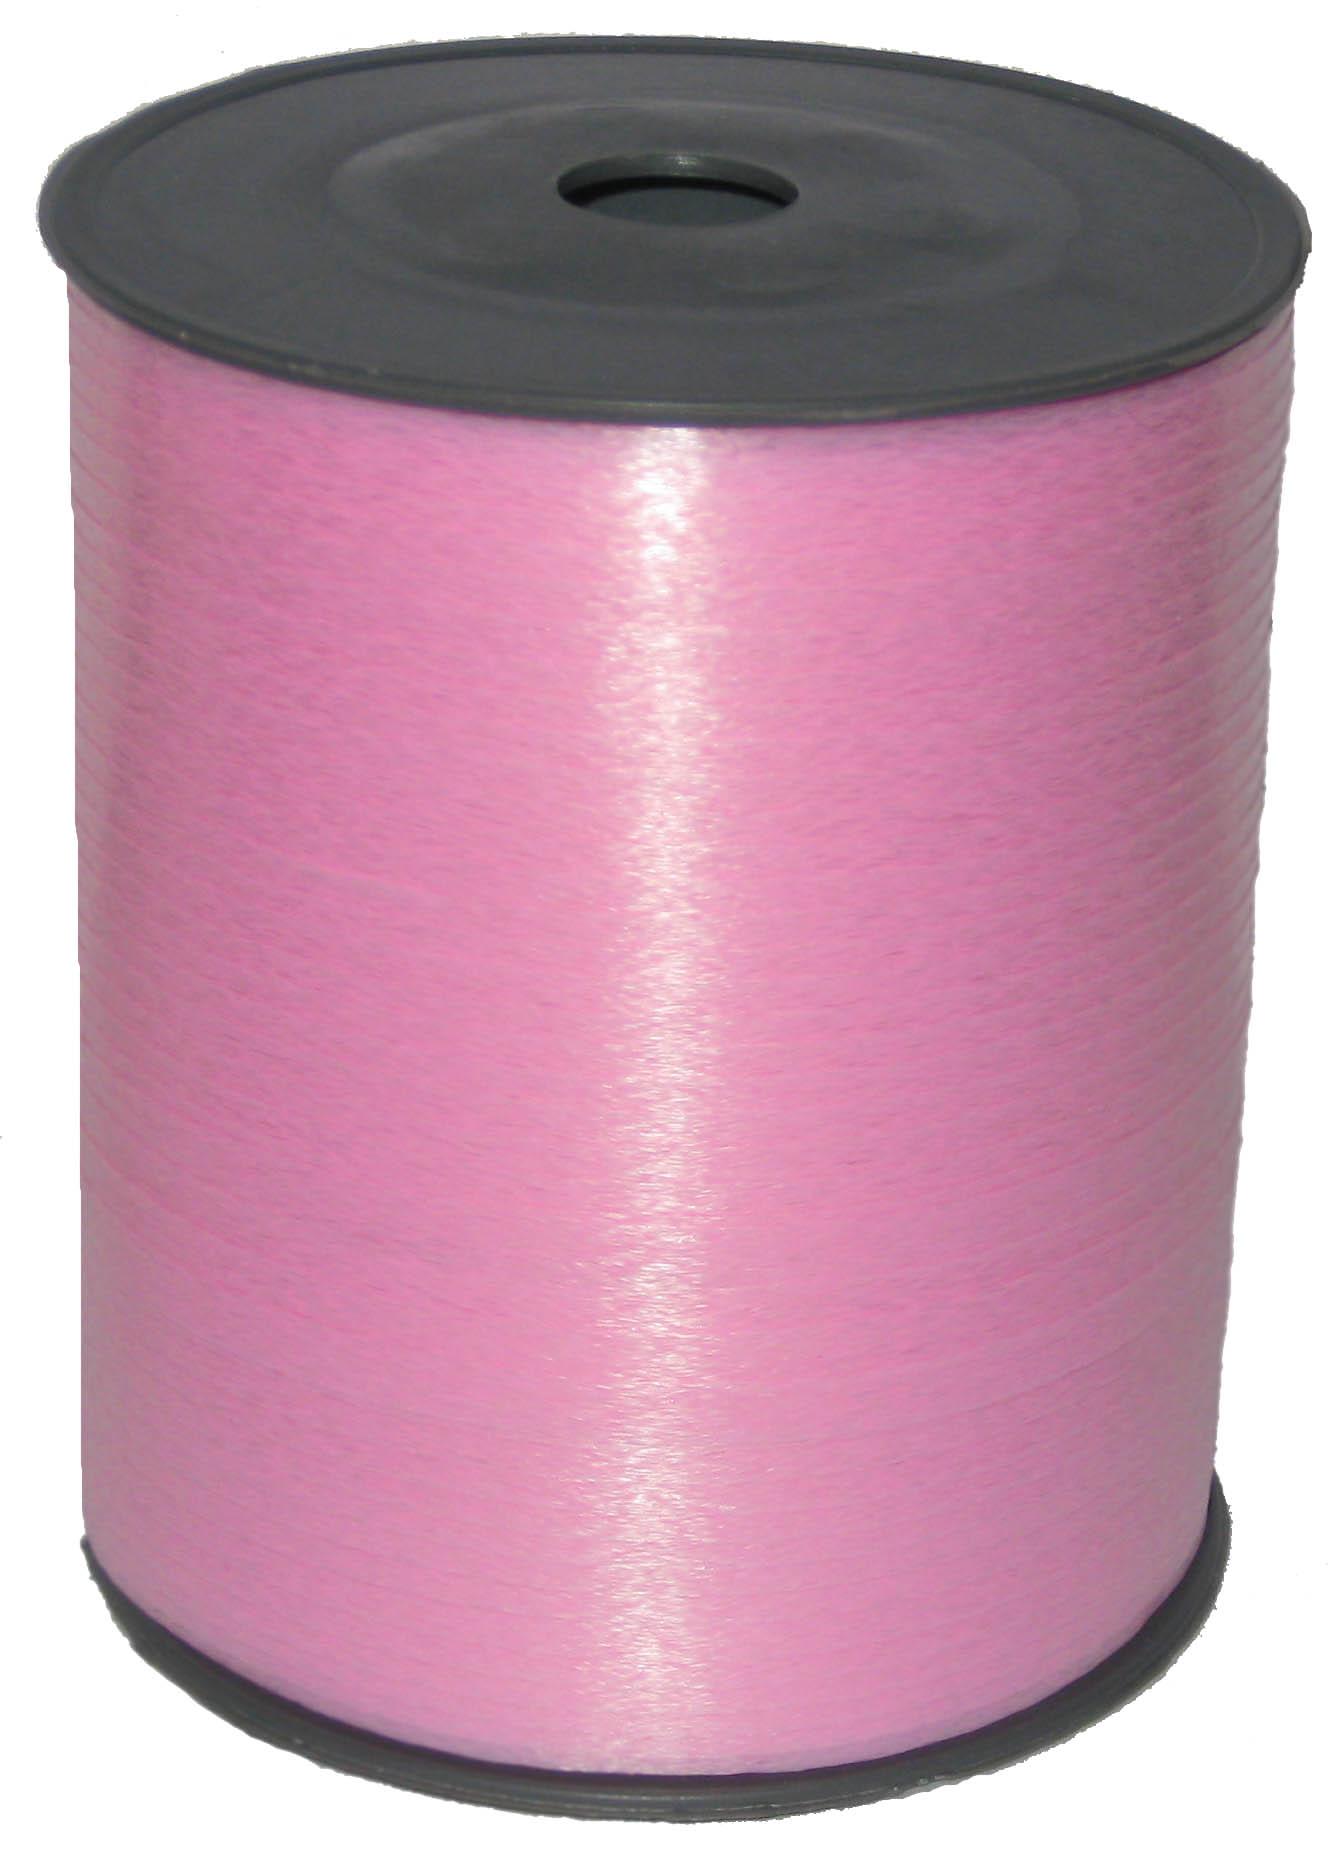 Лента цвет Светло-розовый, бобина 0,5 см / 500 м, Россия